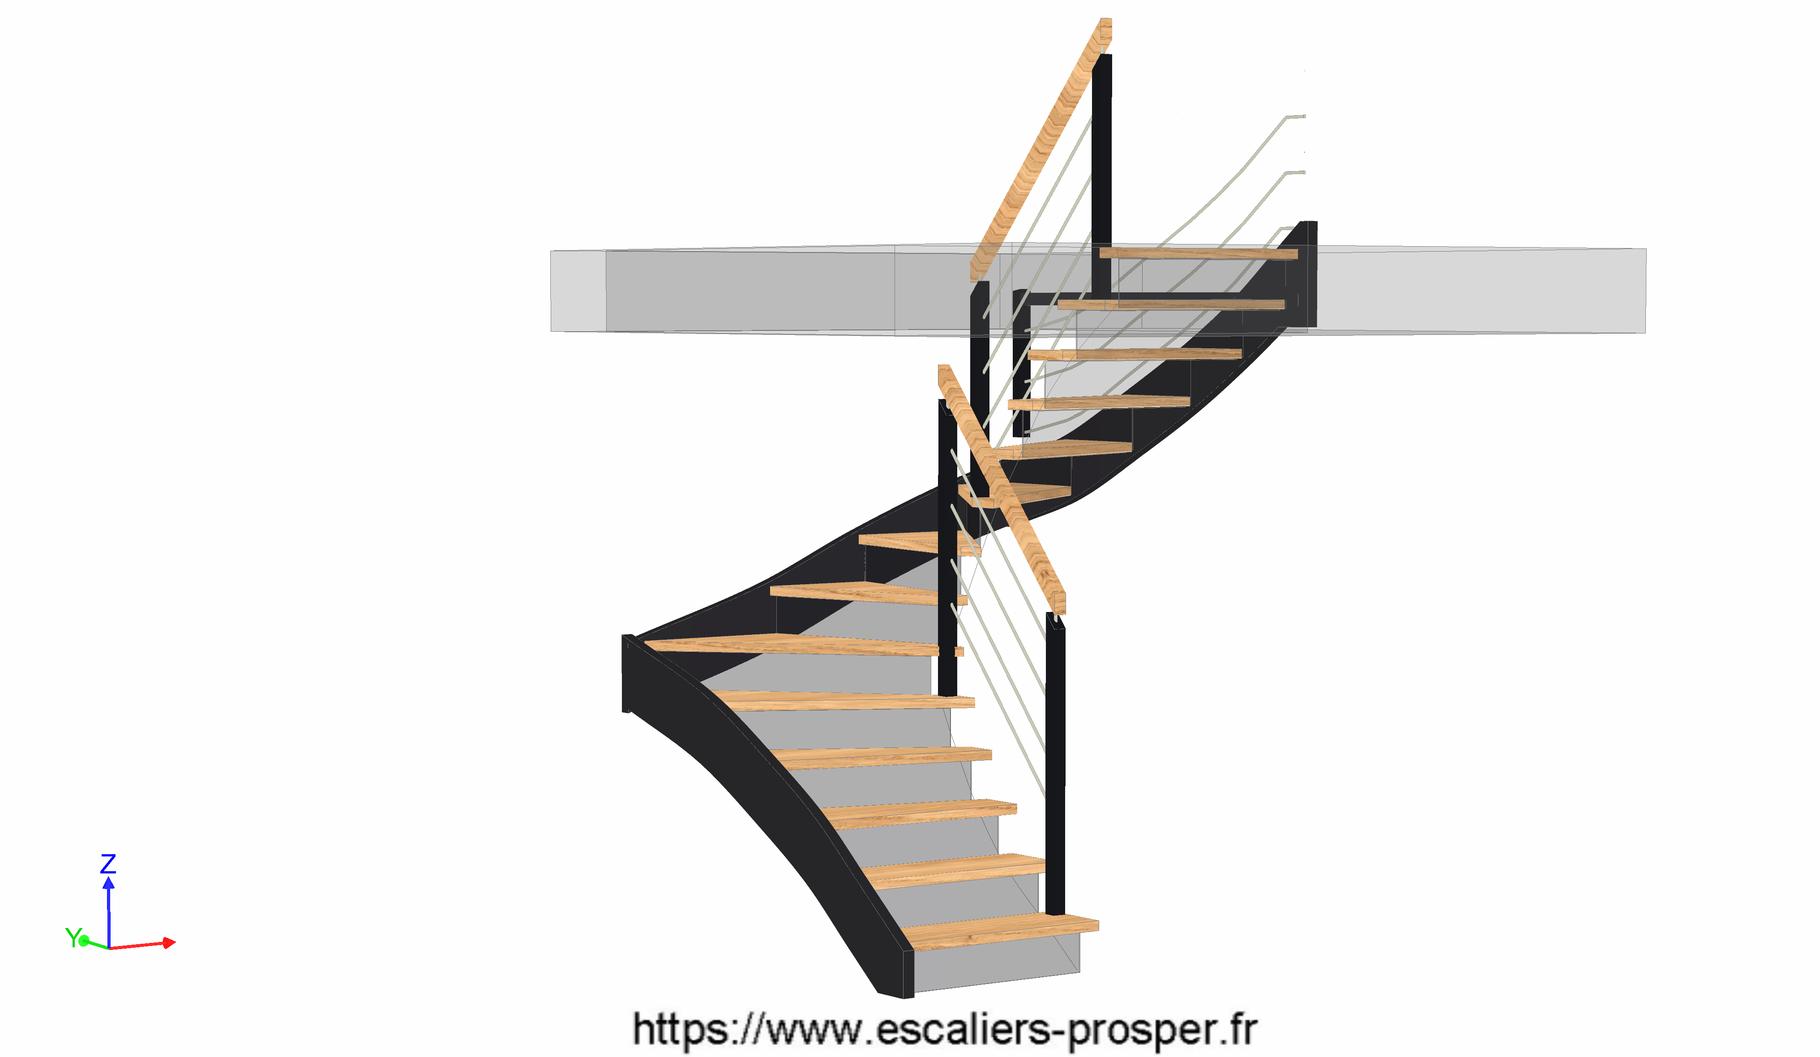 escalier en u suspendu m tiss e15 146 r1 escaliers prosper sp cialiste de la conception. Black Bedroom Furniture Sets. Home Design Ideas